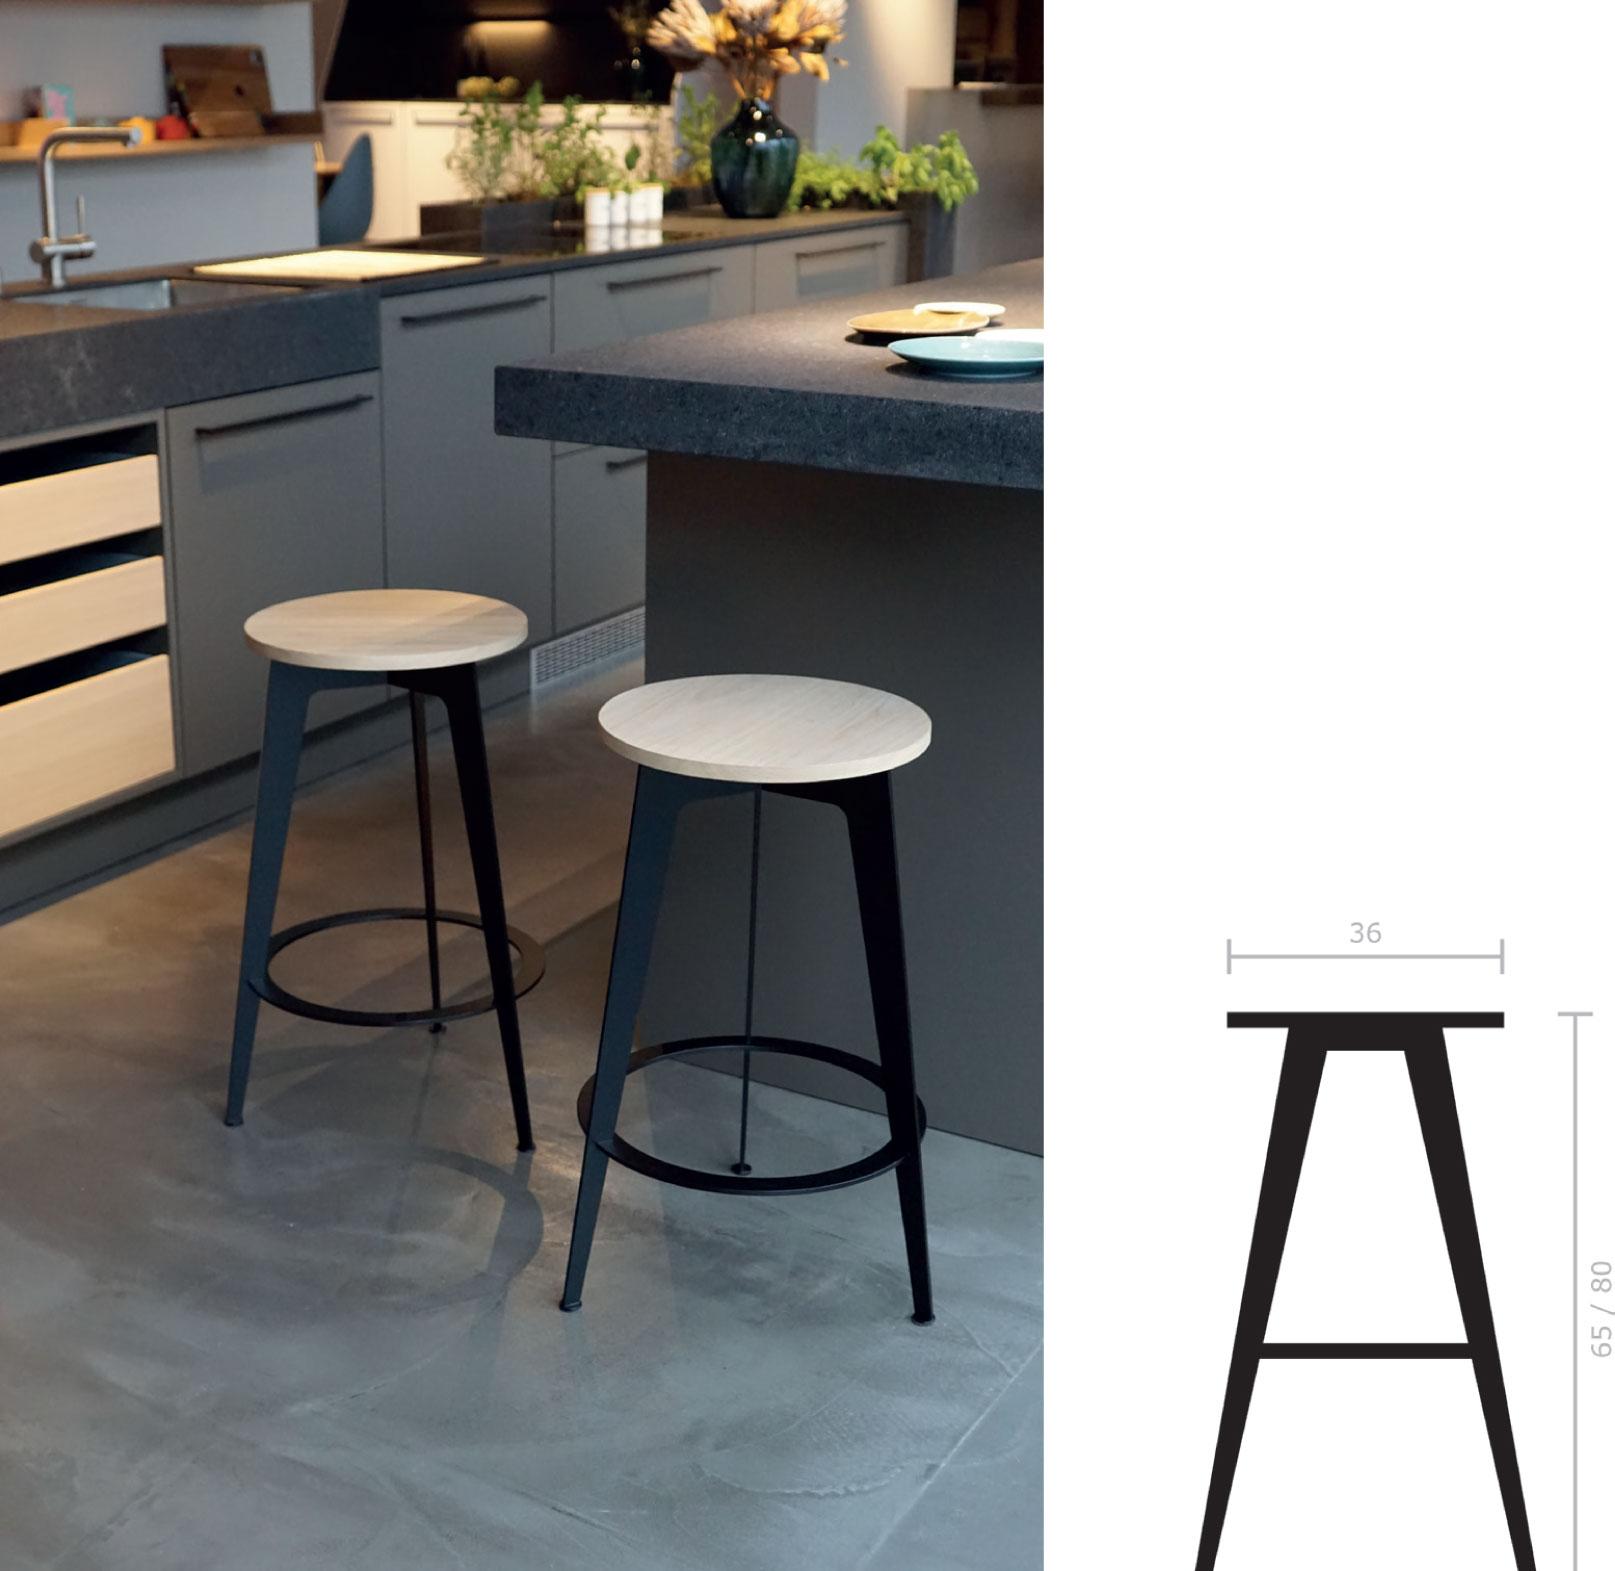 Gienger De gienger küchen münchen jentsch design neu in unserer ausstellung